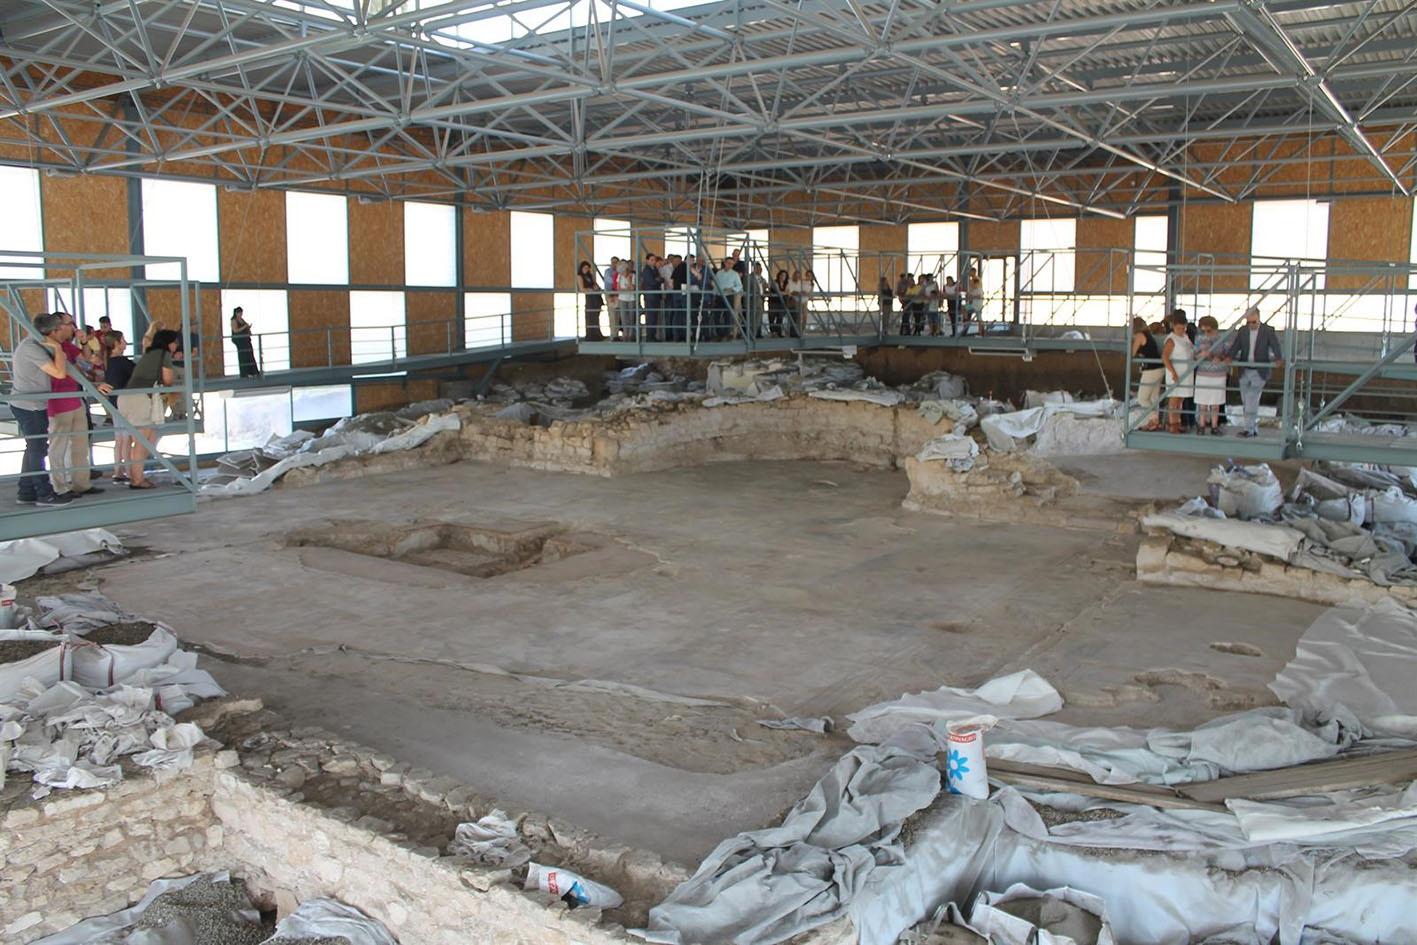 El yacimiento arqueológico de Noheda, una maravilla en la provincia de Cuenca.